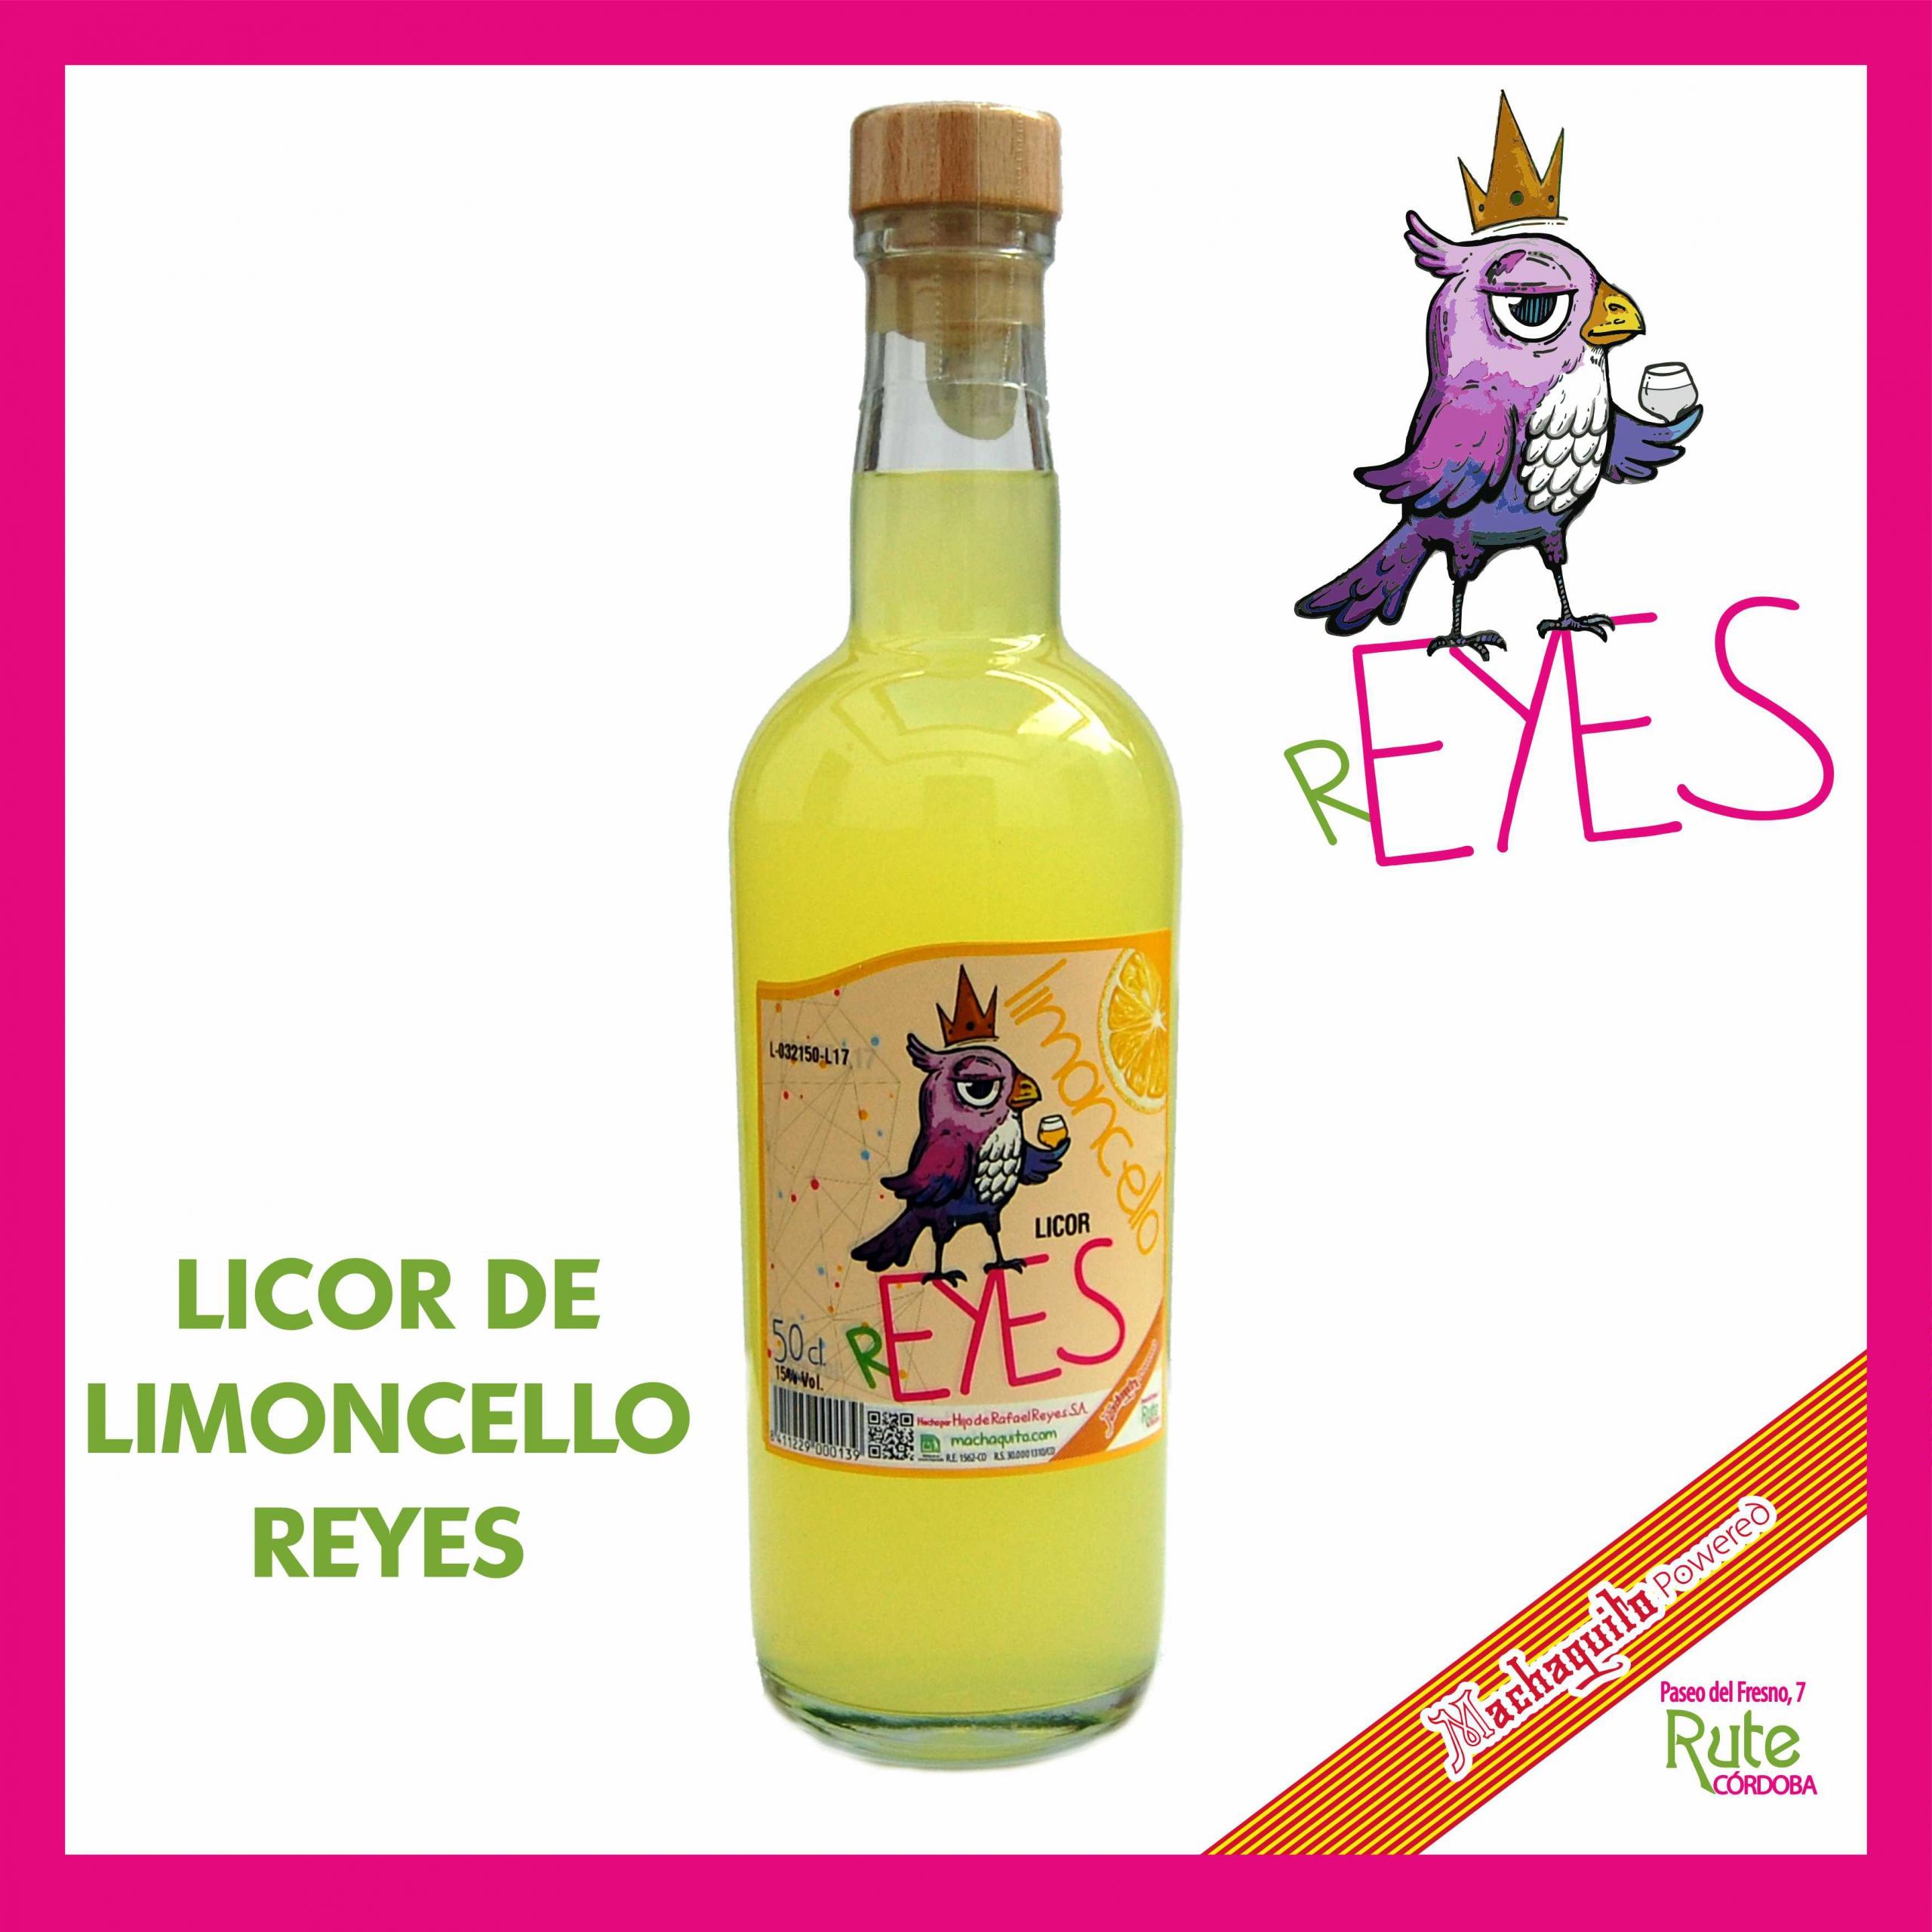 LICOR LIMONCELLO 50